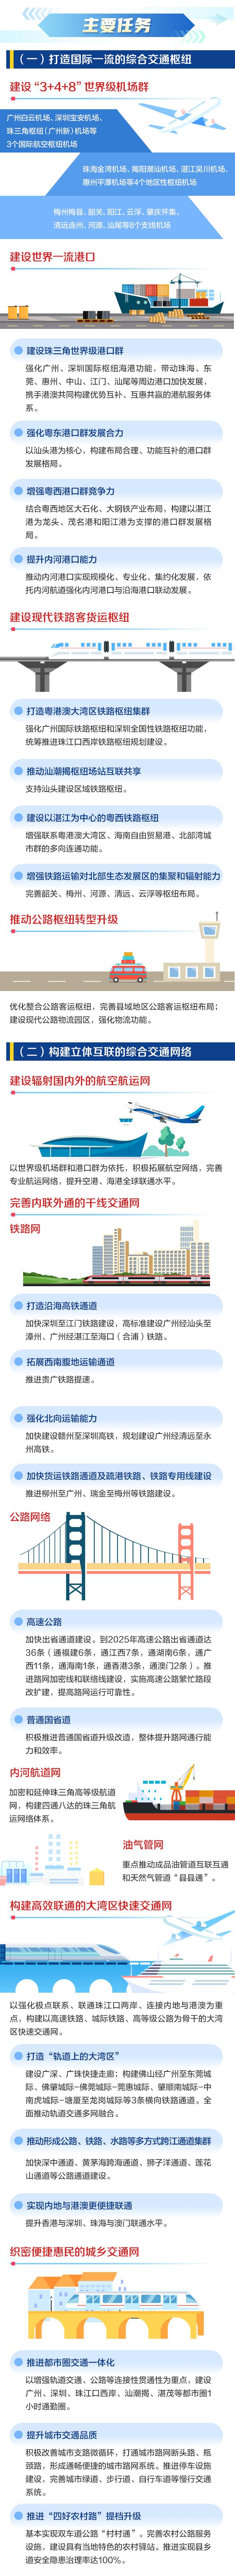 """一图读懂广东综合交通运输体系""""十四五""""发展规划_02.jpg"""